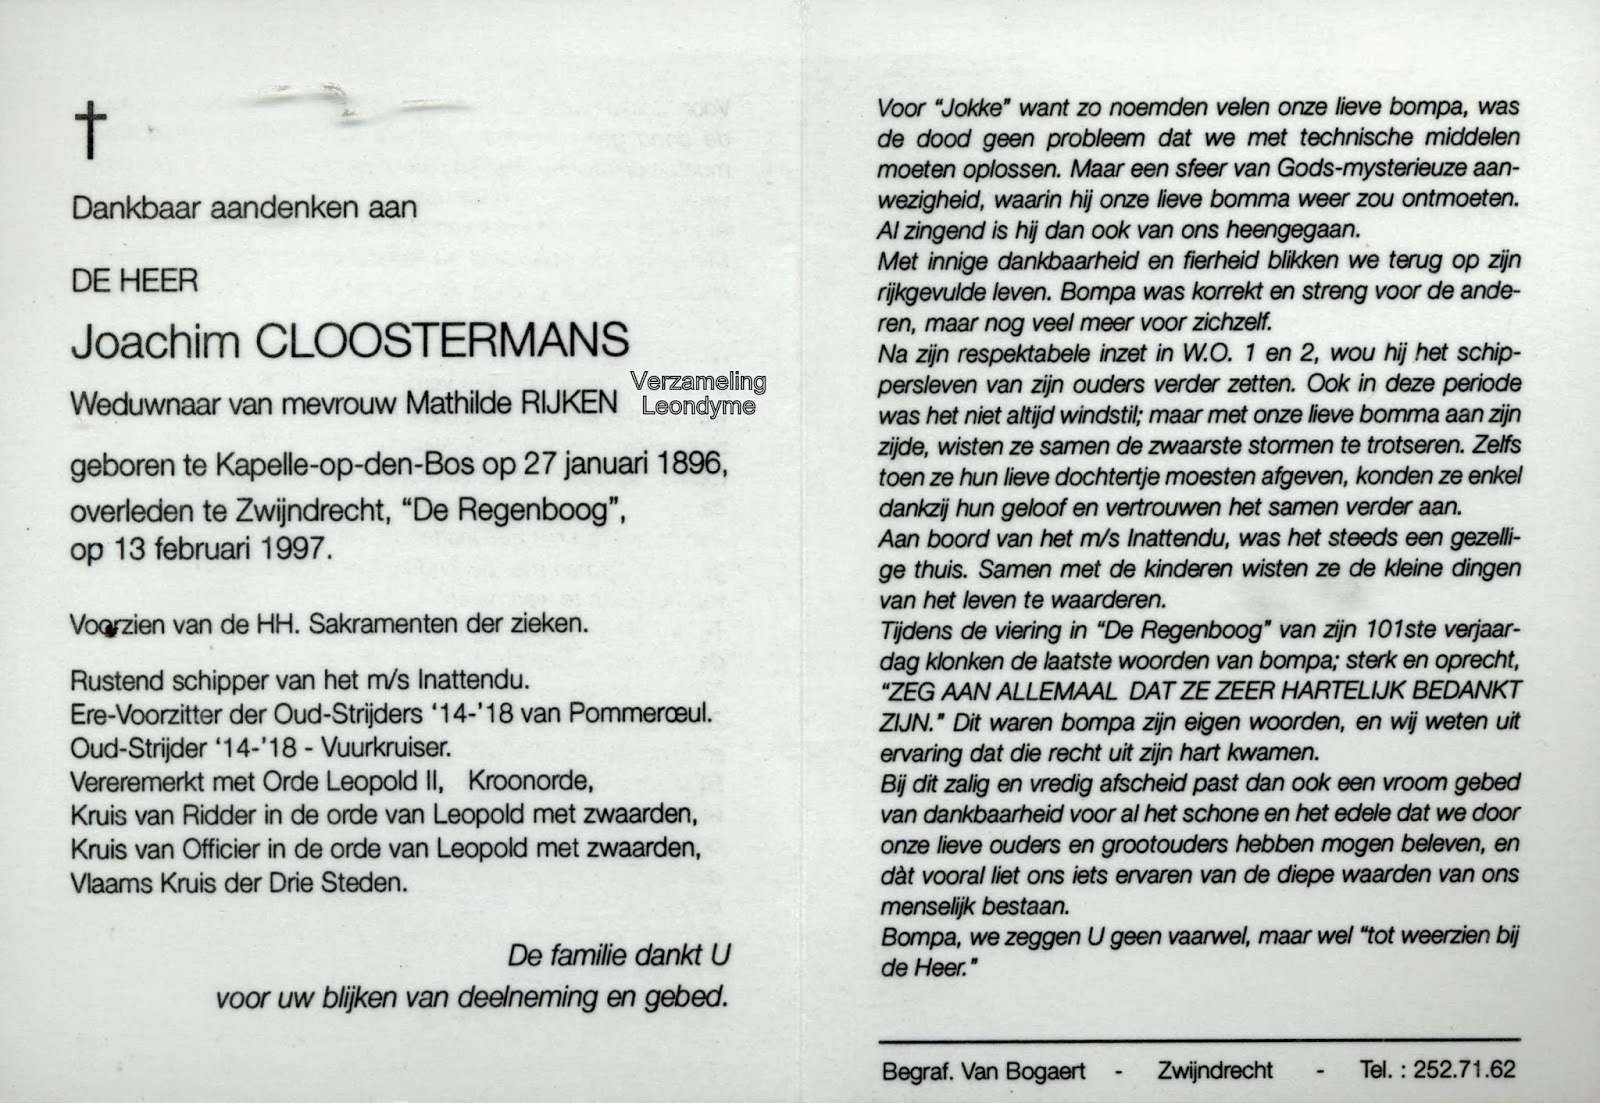 Bidprentje, Joachim Cloostermans. Verzameling Leondyme